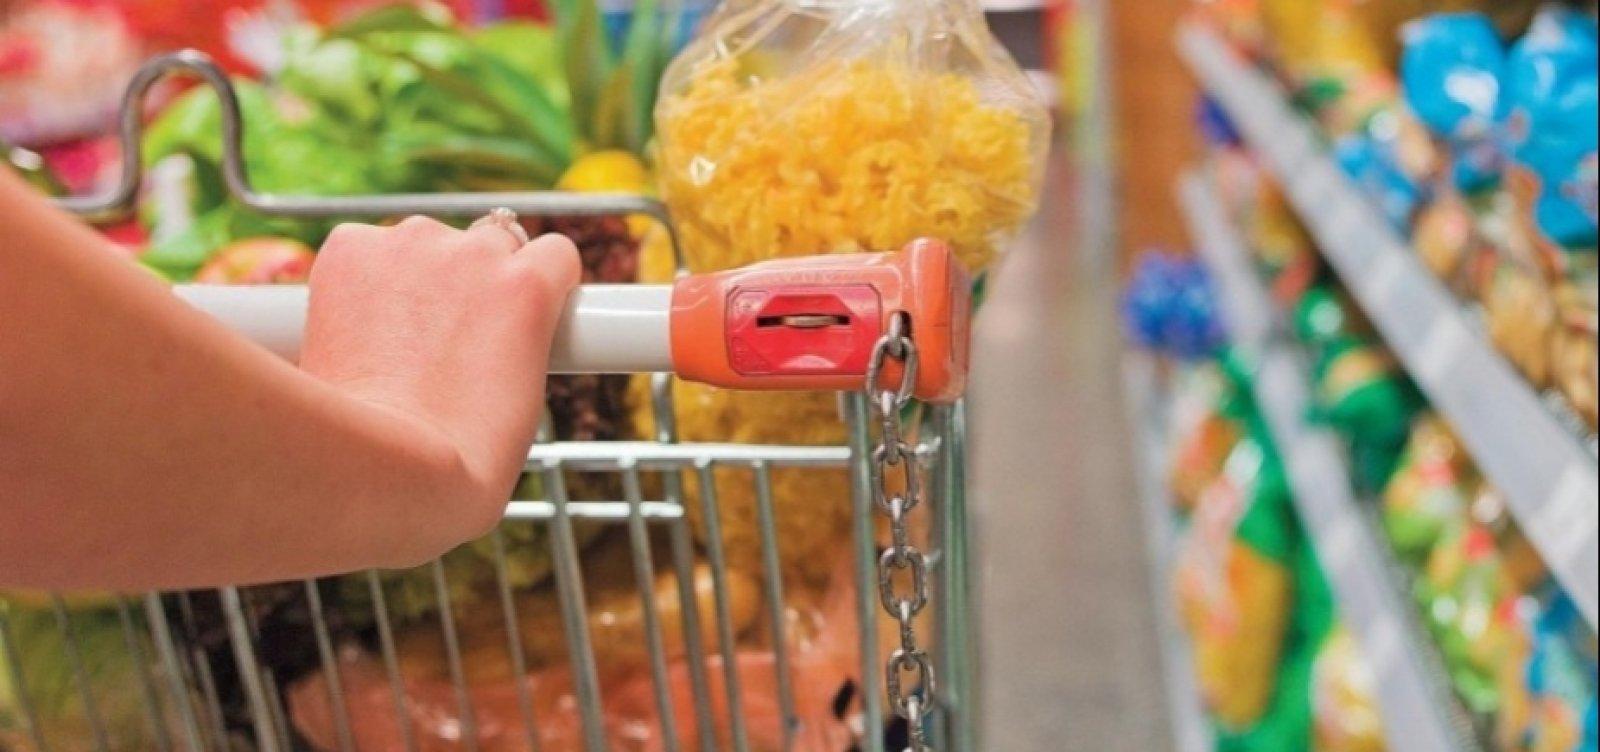 [Ministério da Justiça pede que supermercados e produtores expliquem alta dos alimentos]